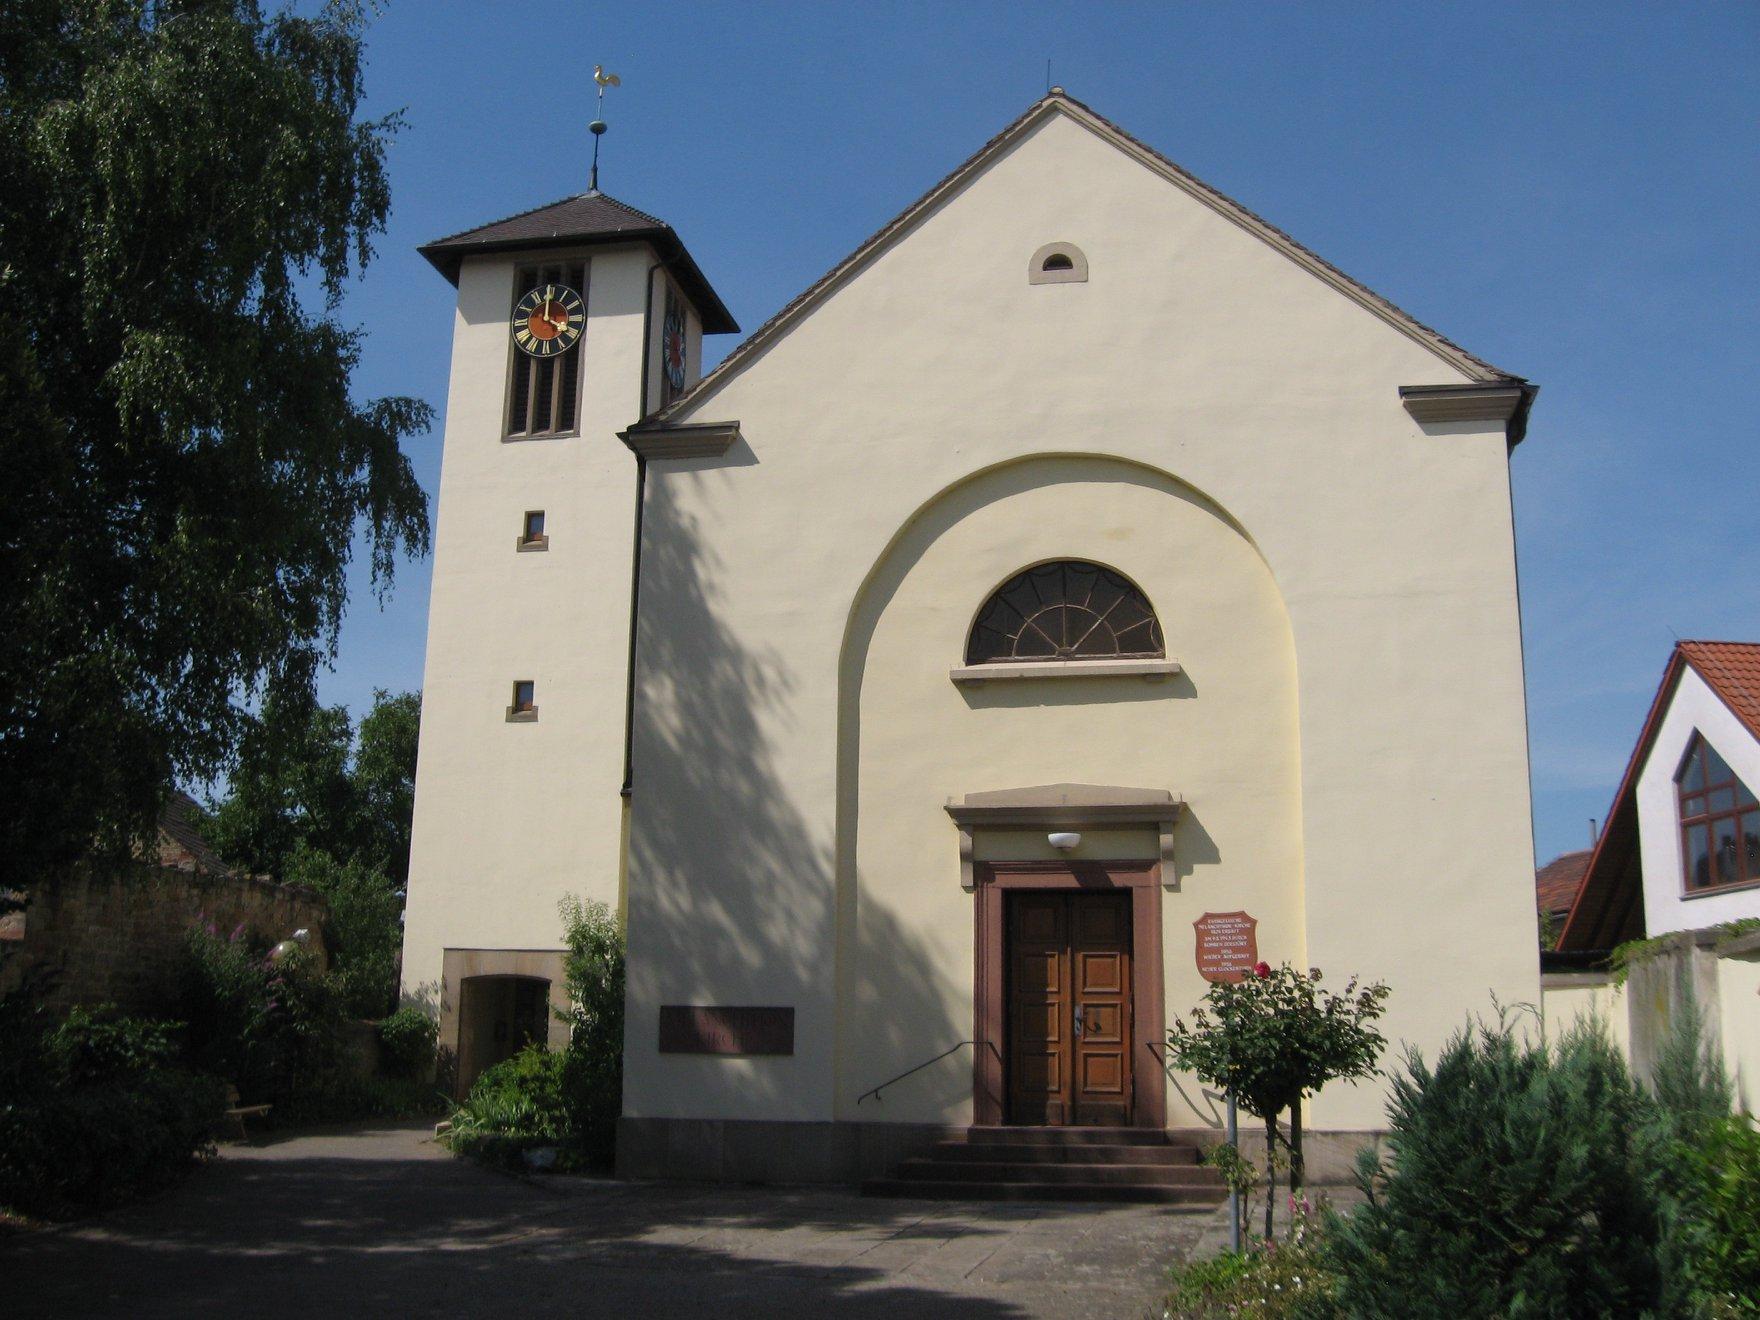 Schauernheim Kirche